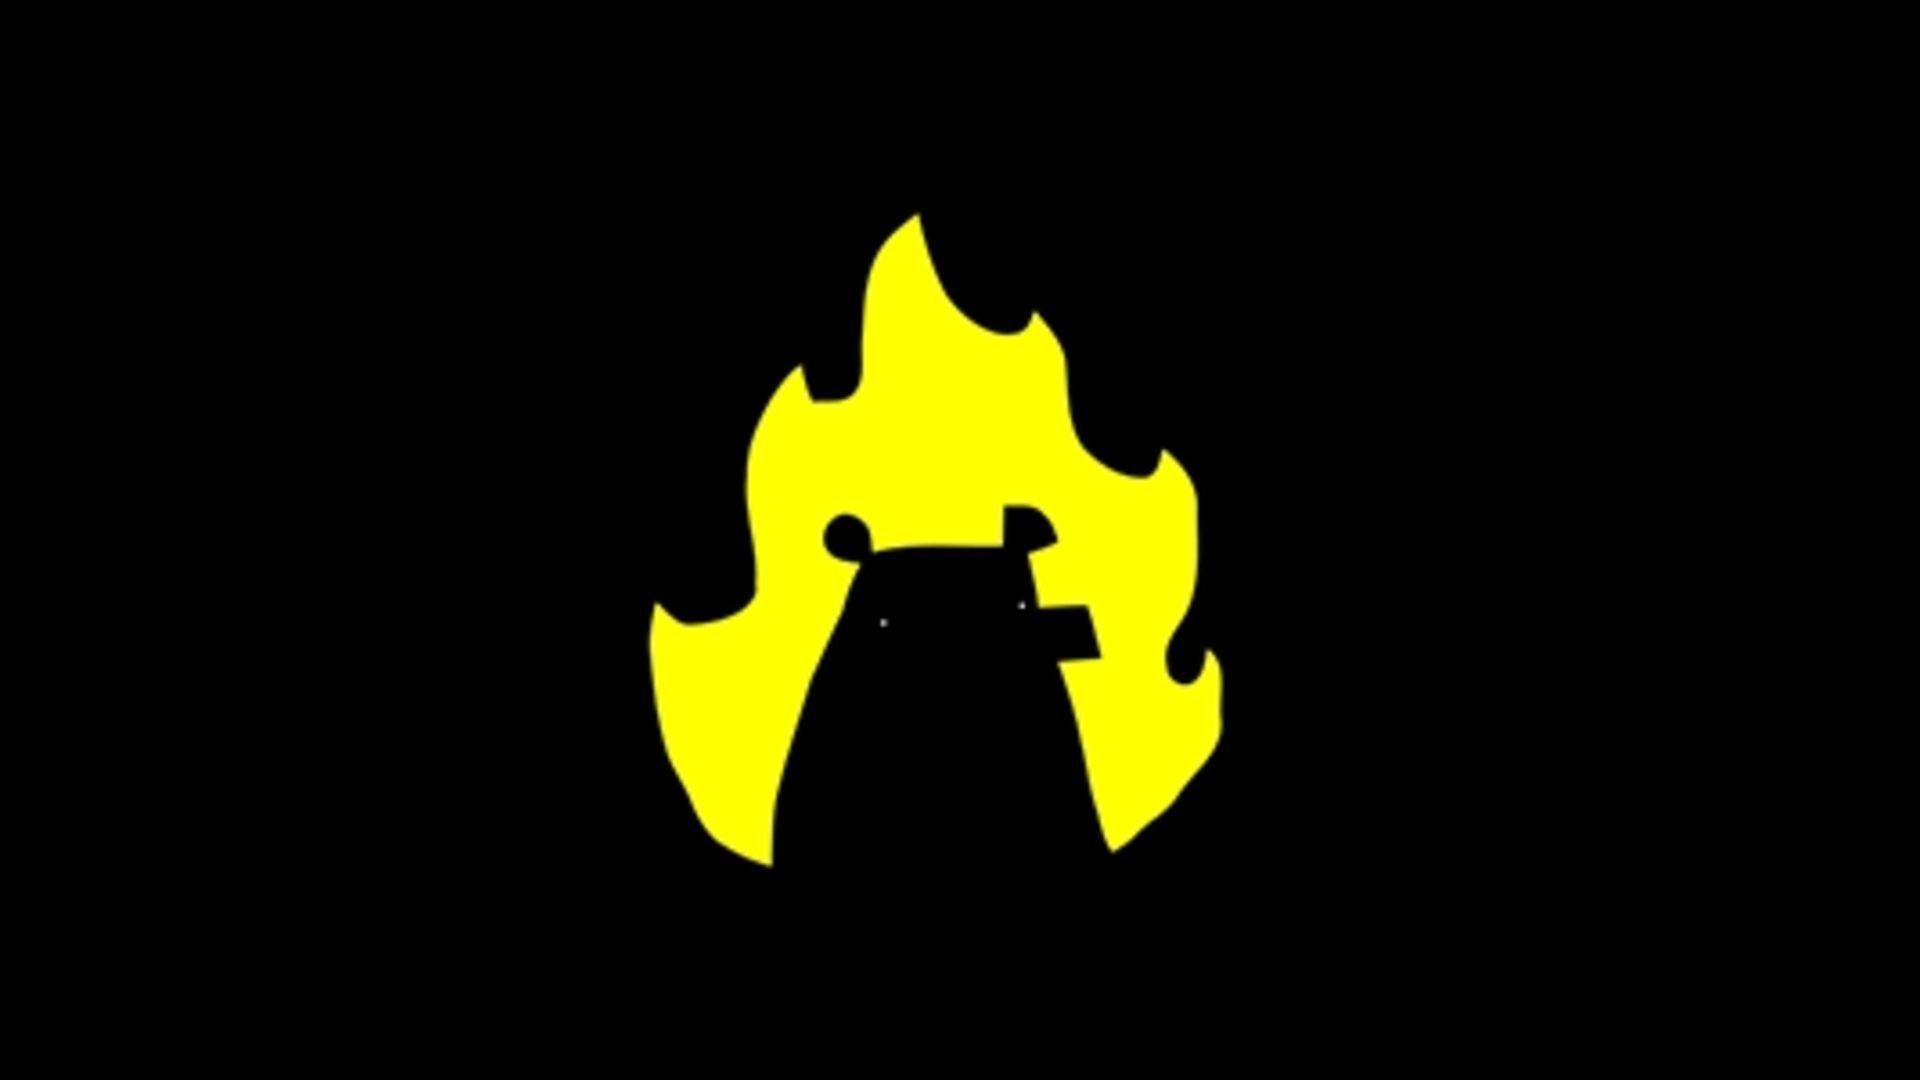 Après dix ans de bons et loyaux services, Vlambeer s'éteint - Actu -  Gamekult